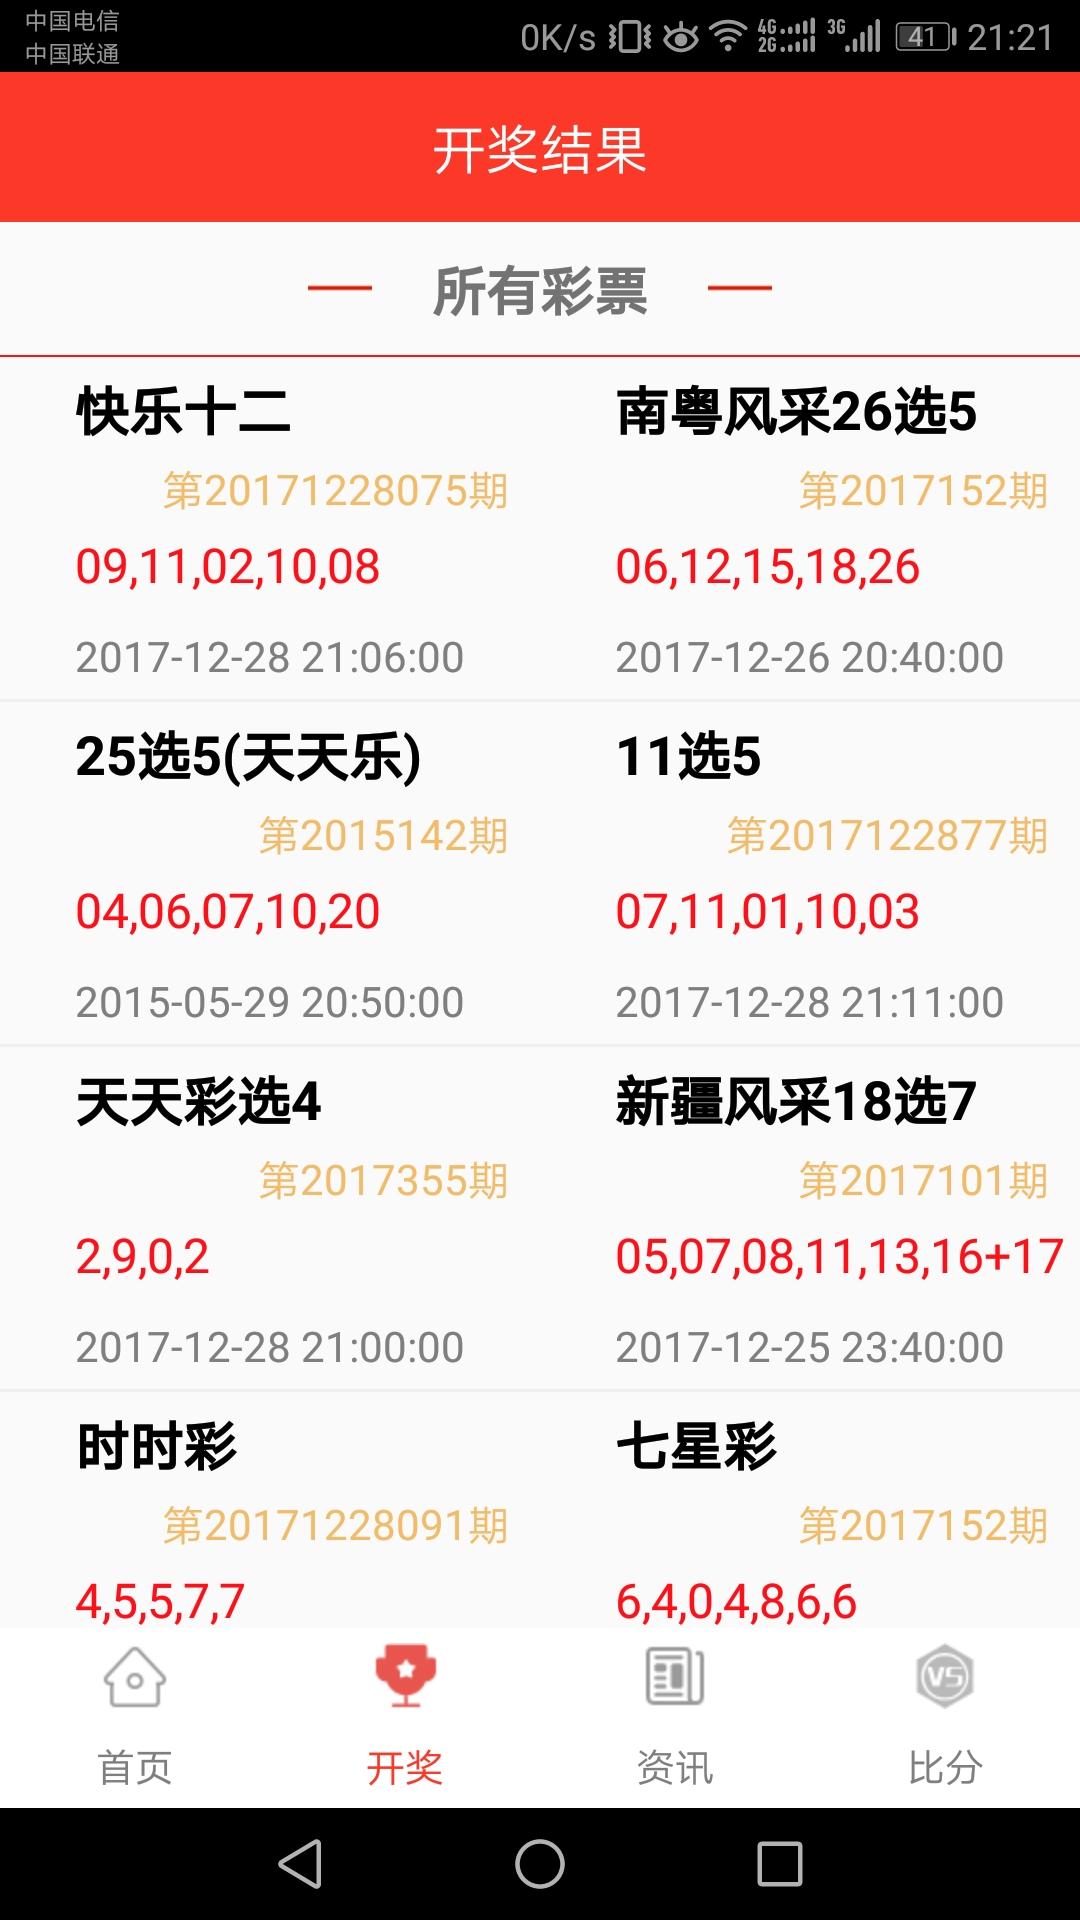 重庆时时彩计划-应用截图